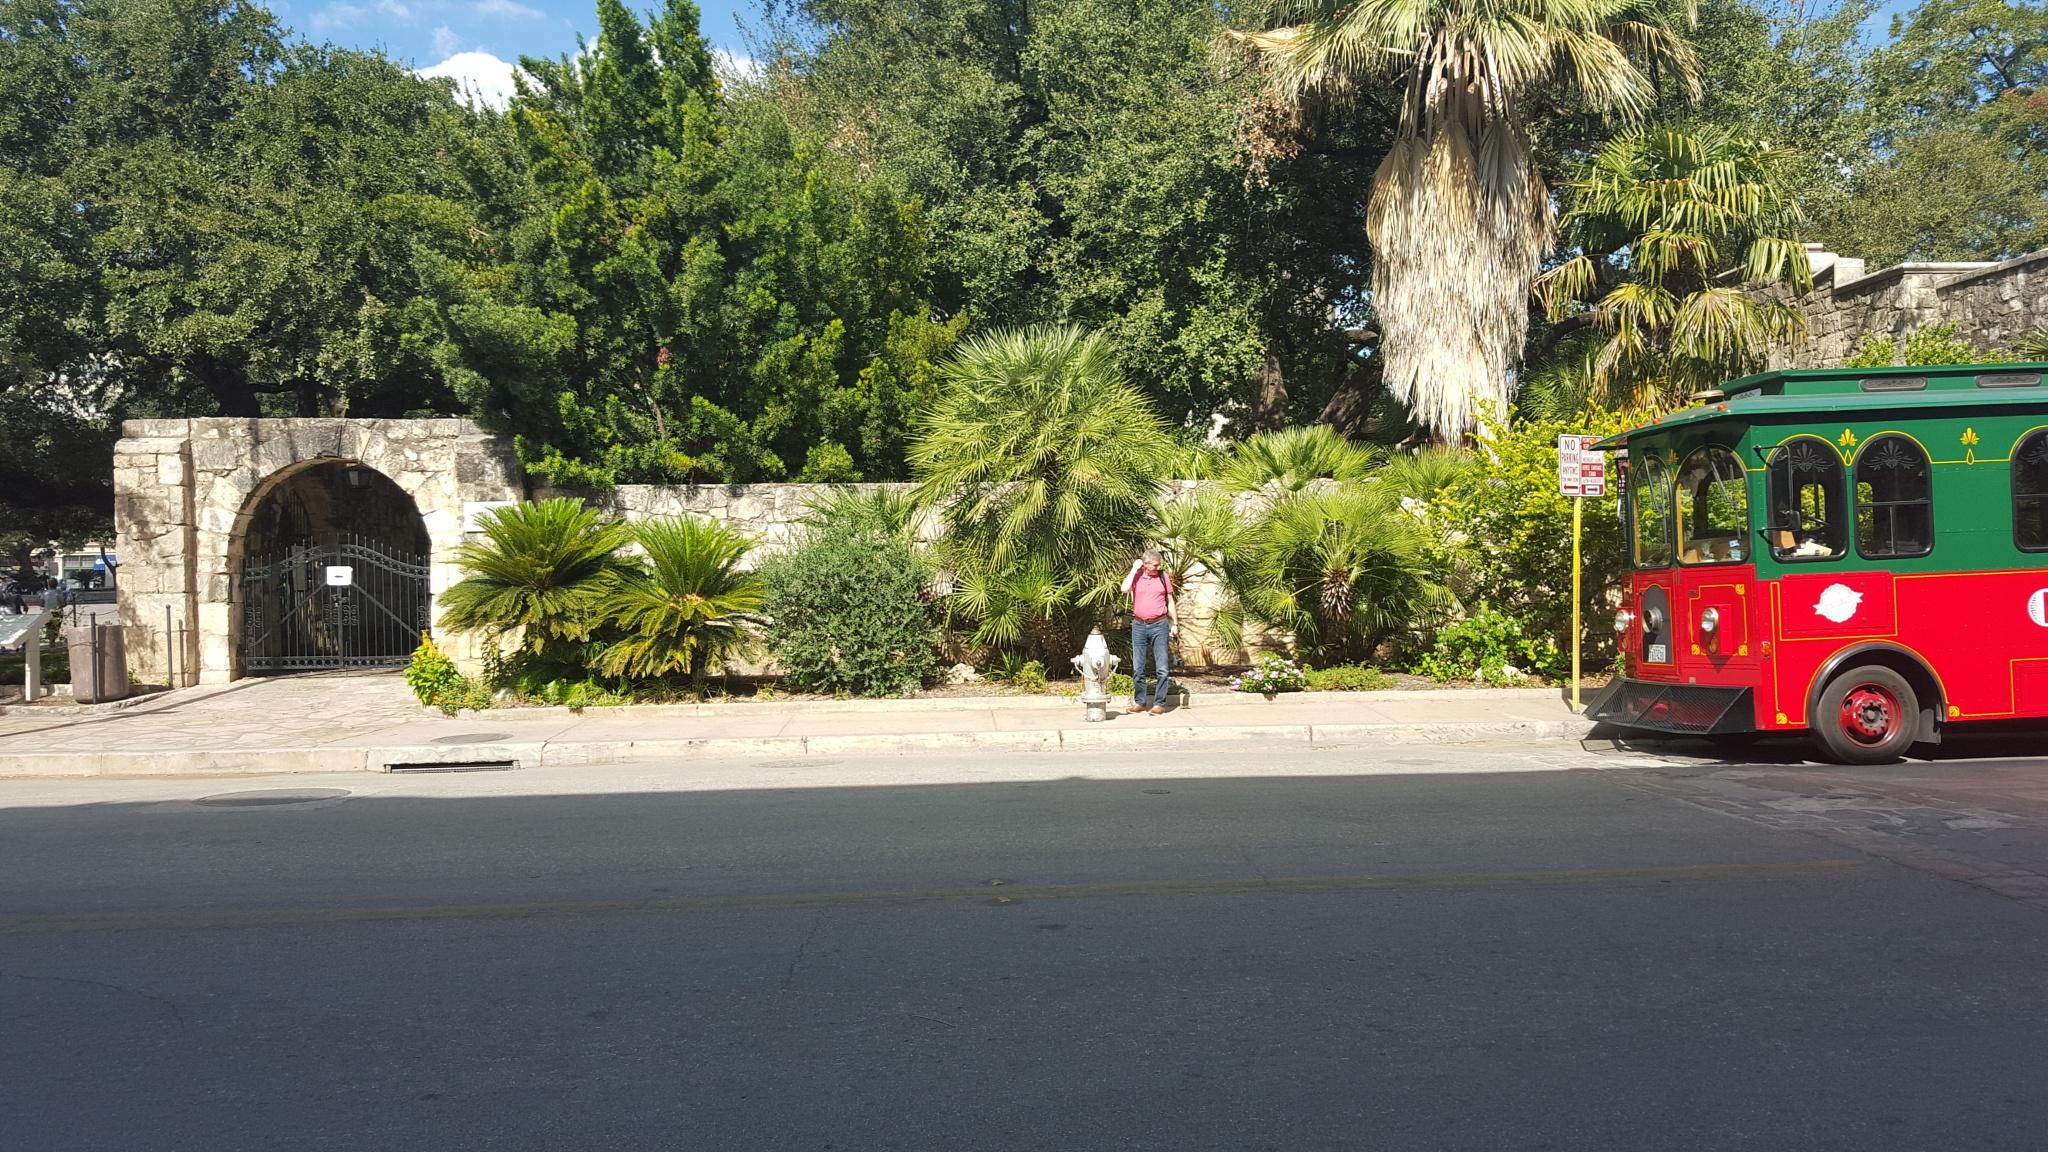 Alamo Plaza by waltermar48